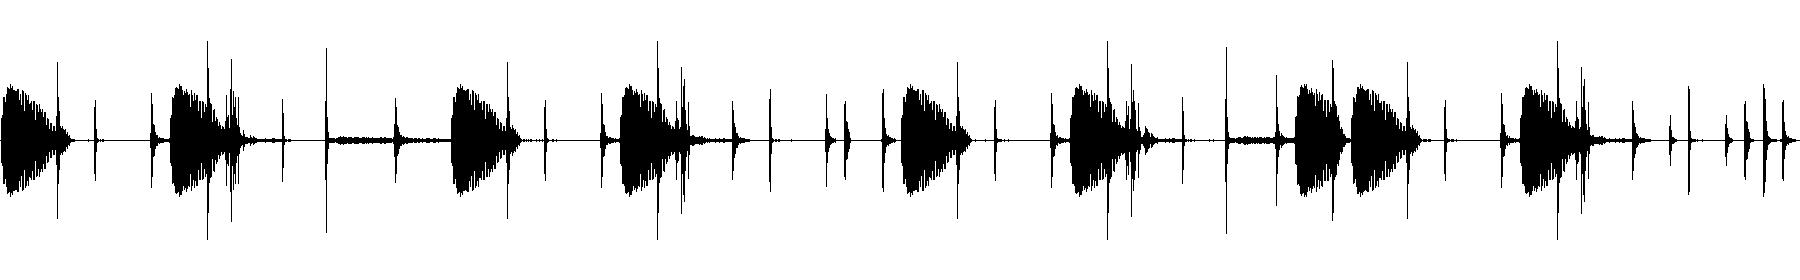 140 drumloop sp 06